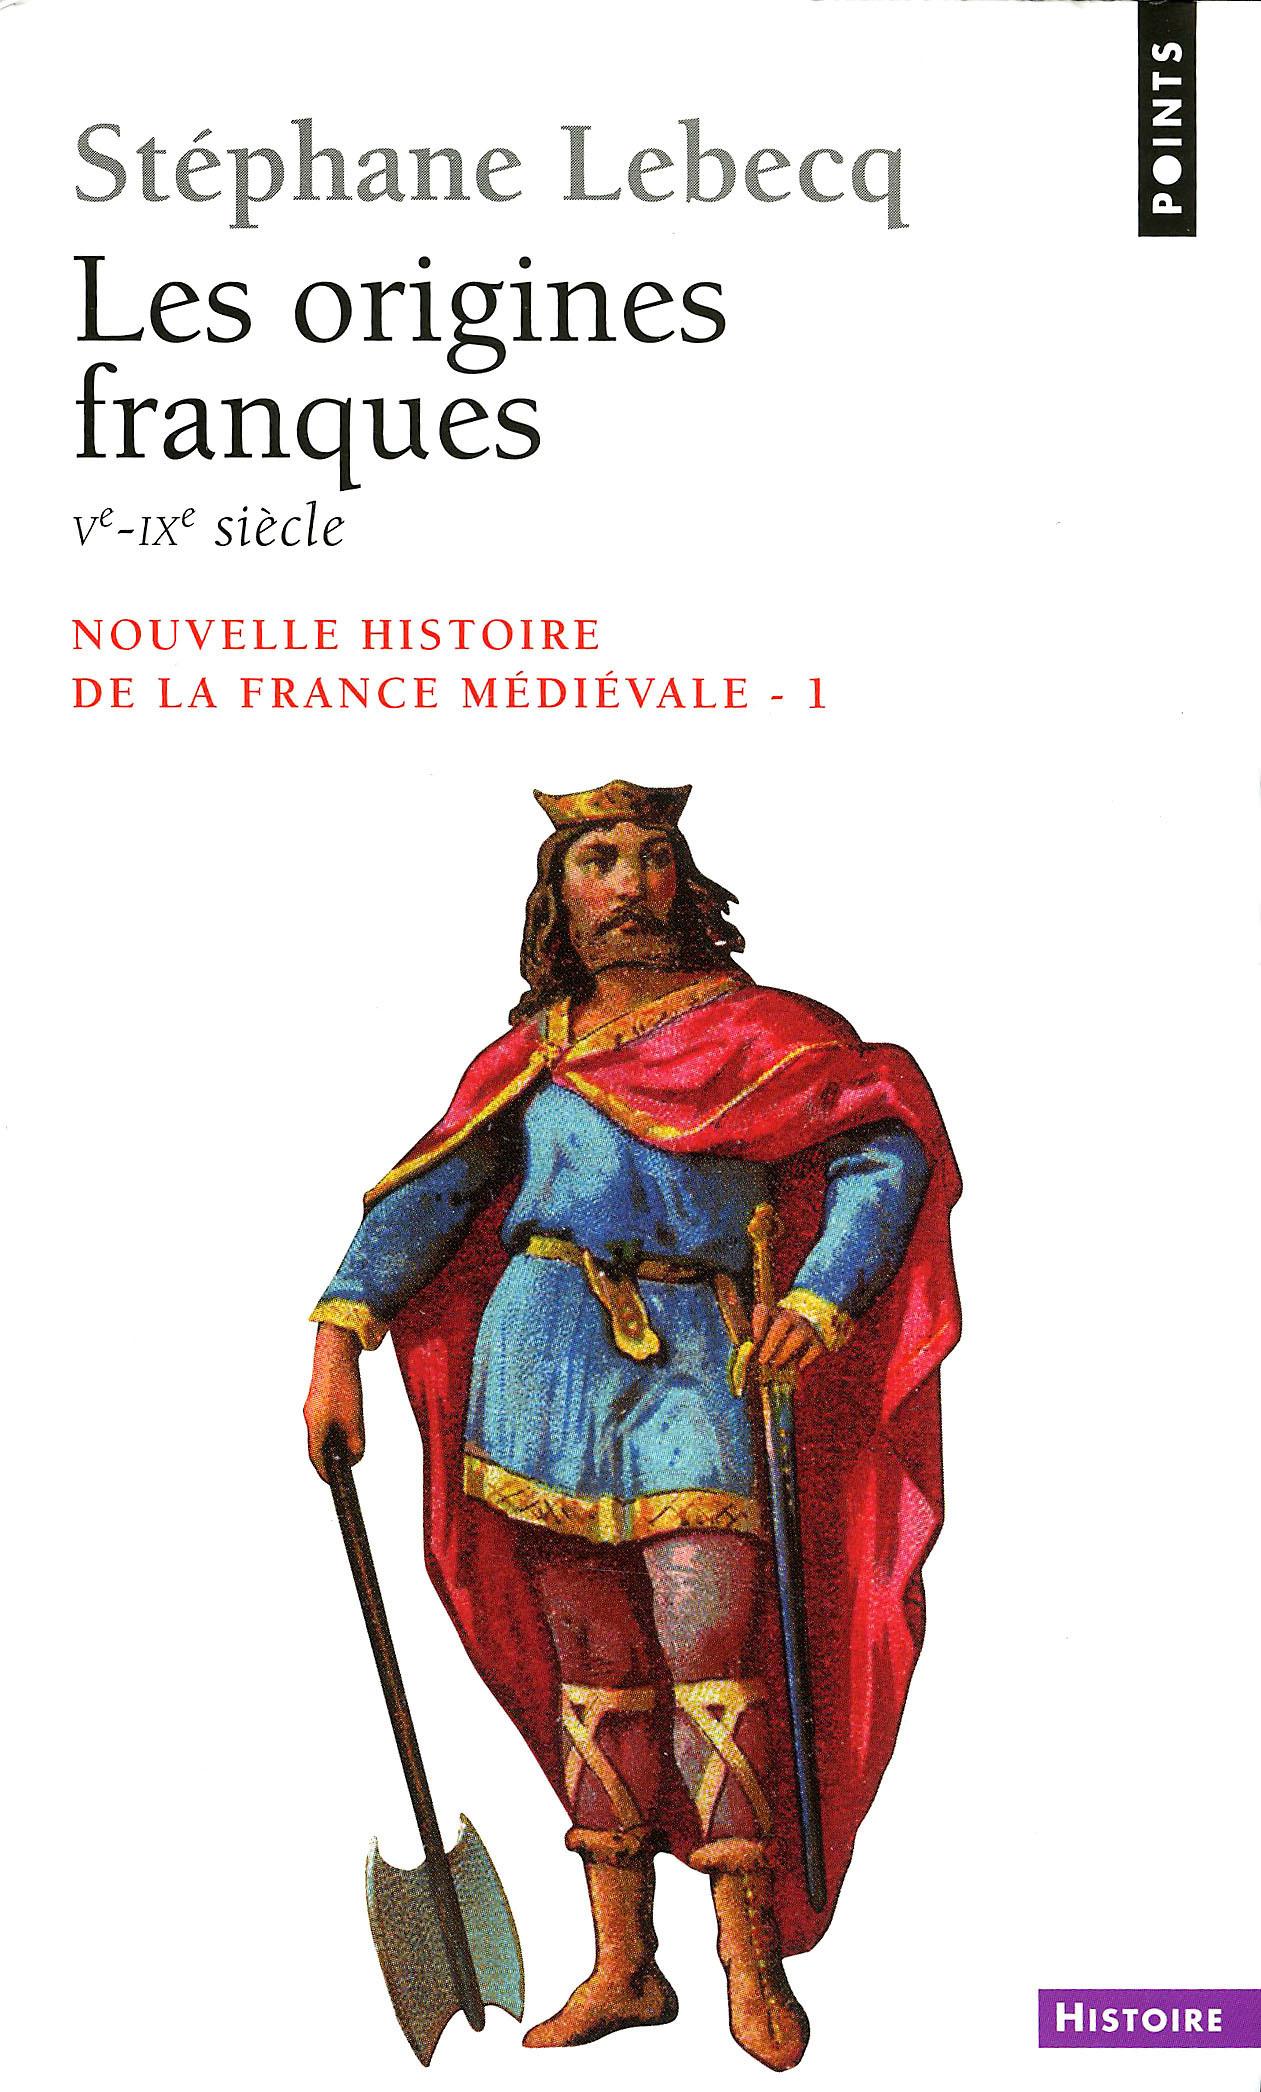 Origines franques - Ve-IXe siècle. Nouvelle histoire de la France médiévale (Les)